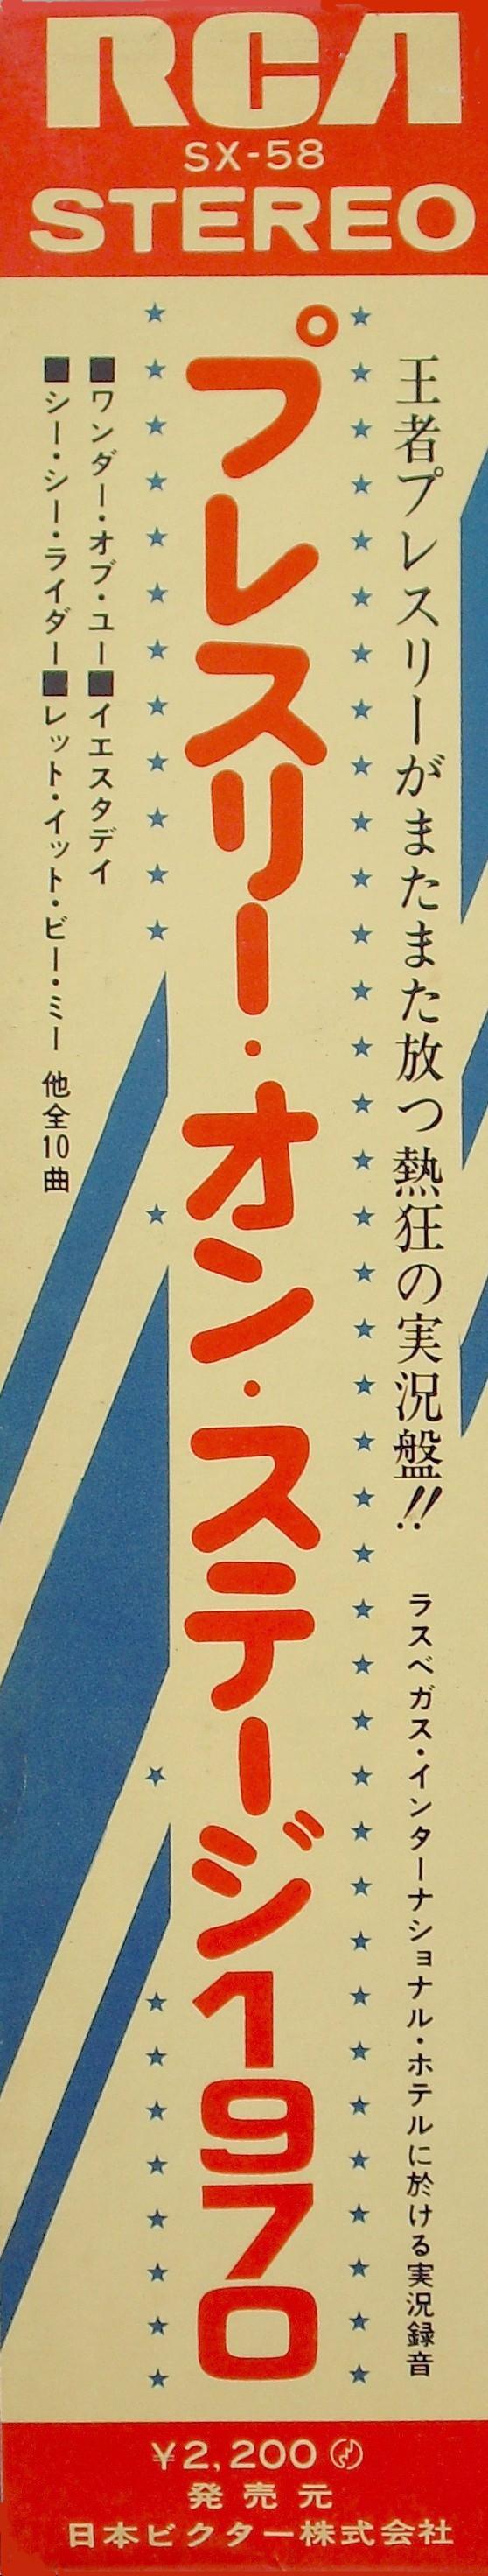 ON STAGE - FEBRUARY 1970 Obilgi6f